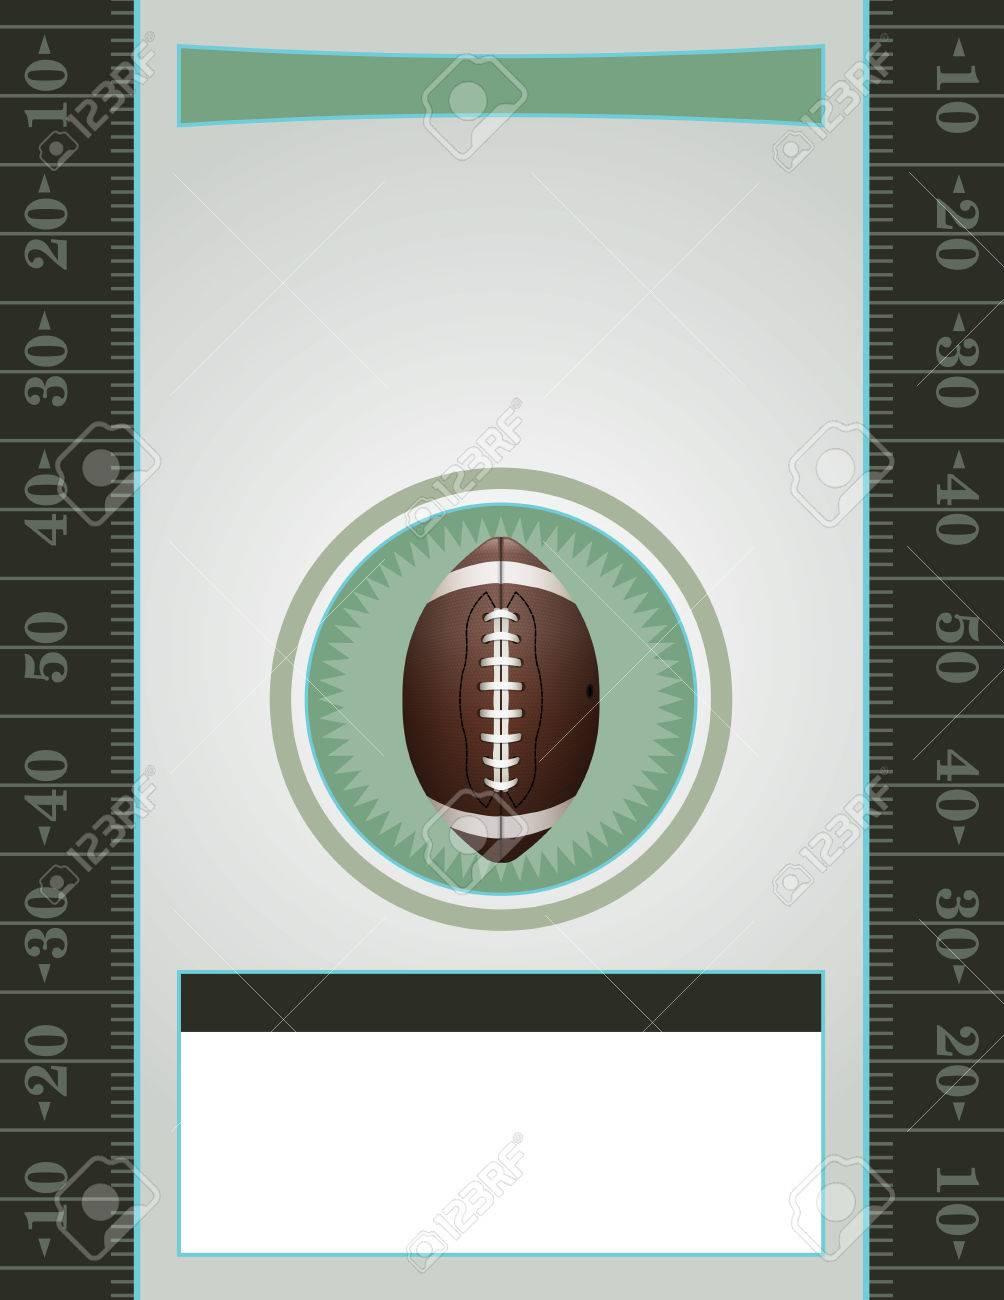 Un Vector De Fútbol Americano Tarjetas Informativas Perfecto Para Las Fiestas En Fútbol Invitaciones Etc